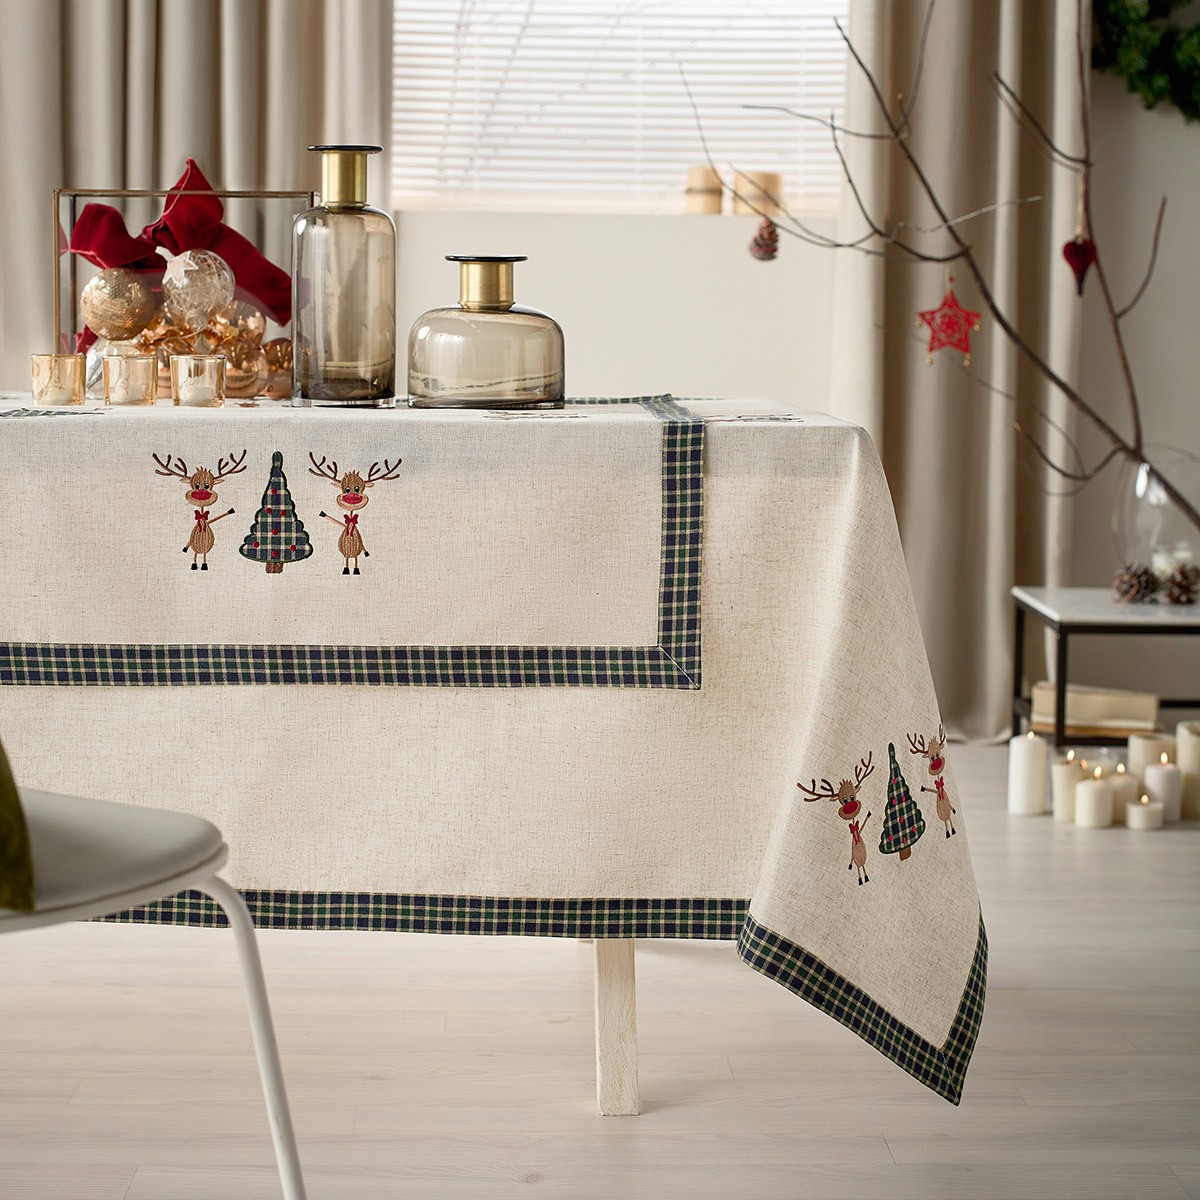 Χριστουγεννιάτικο Τραπεζομάντηλο (135×180) Gofis Home 273